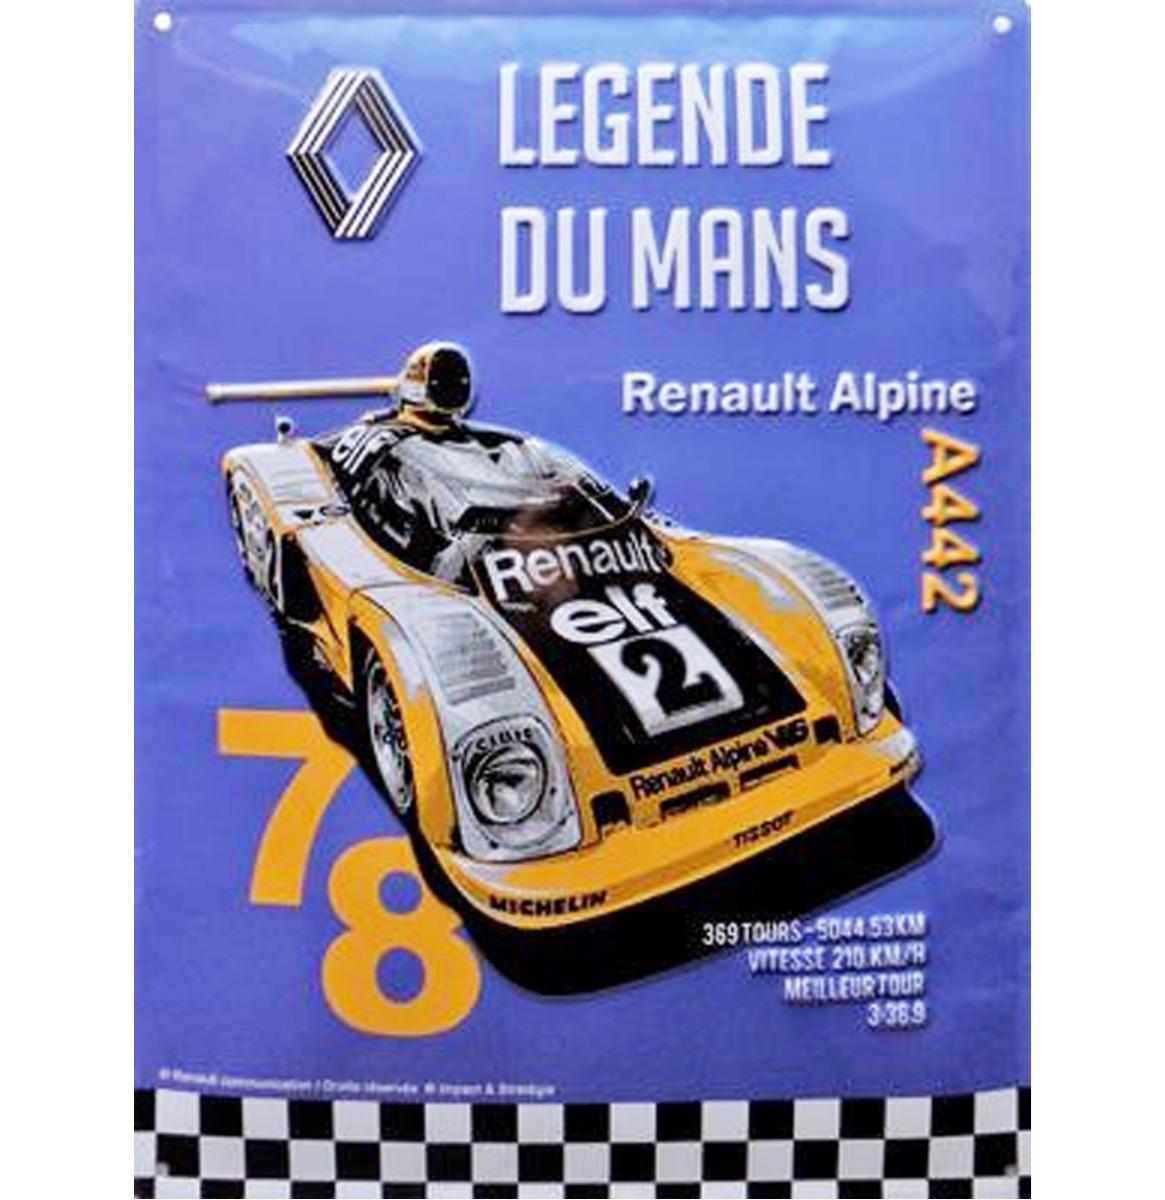 Metalen Bord Renault RA 40x30cm Le Mans Legende